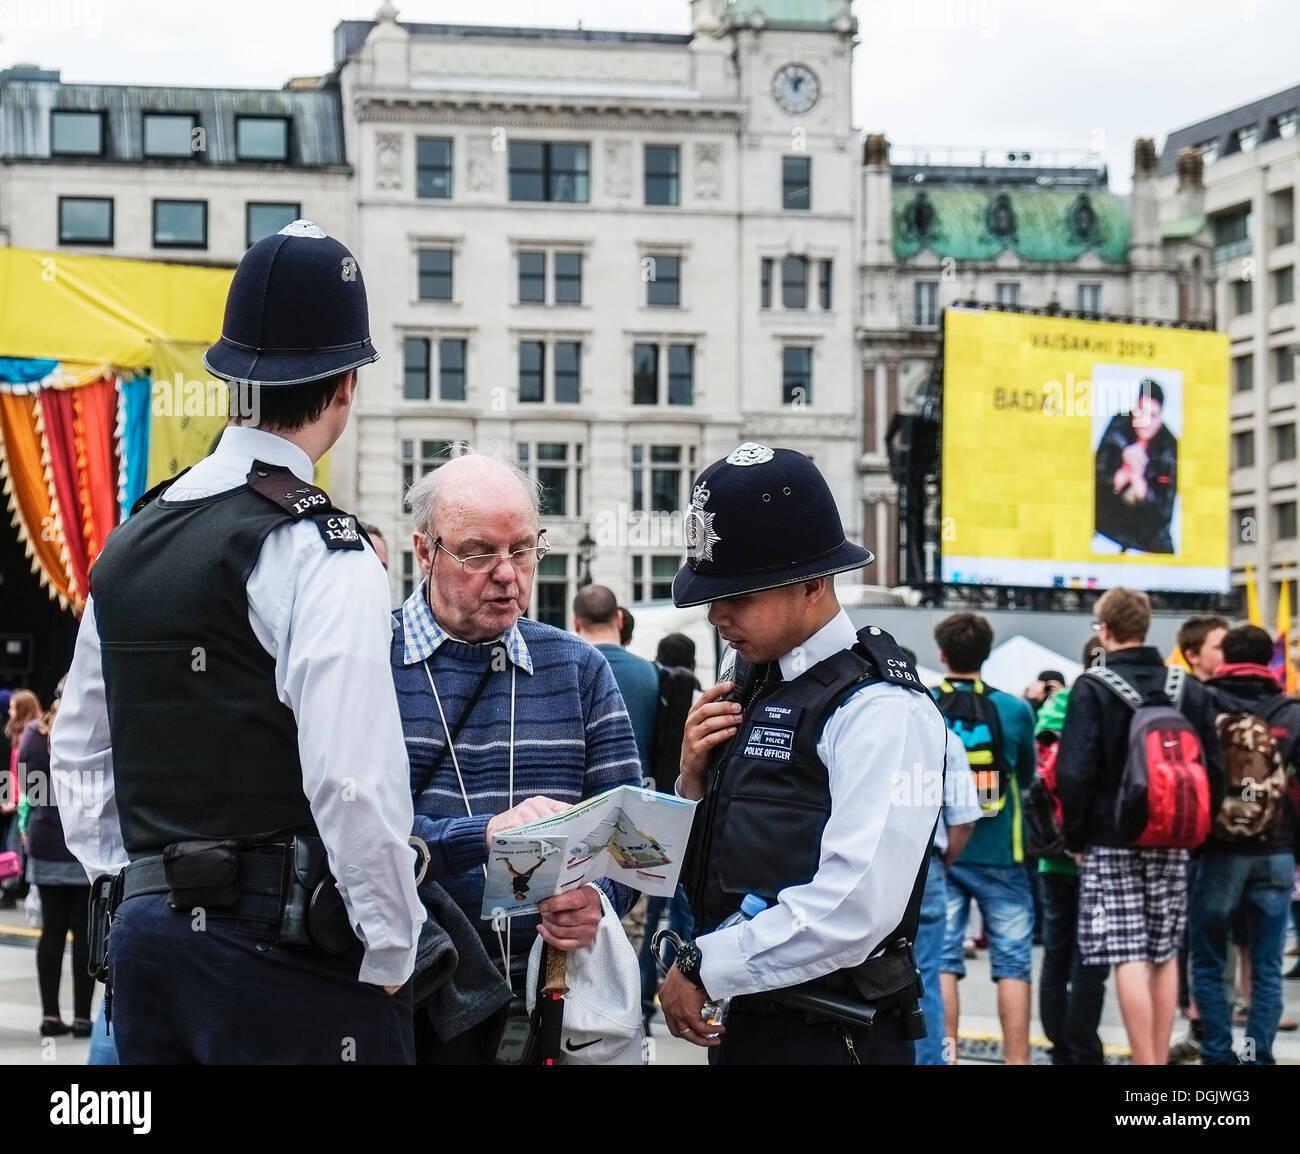 Dos funcionarios de la Policía Metropolitana ayudando a un turista. Imagen De Stock